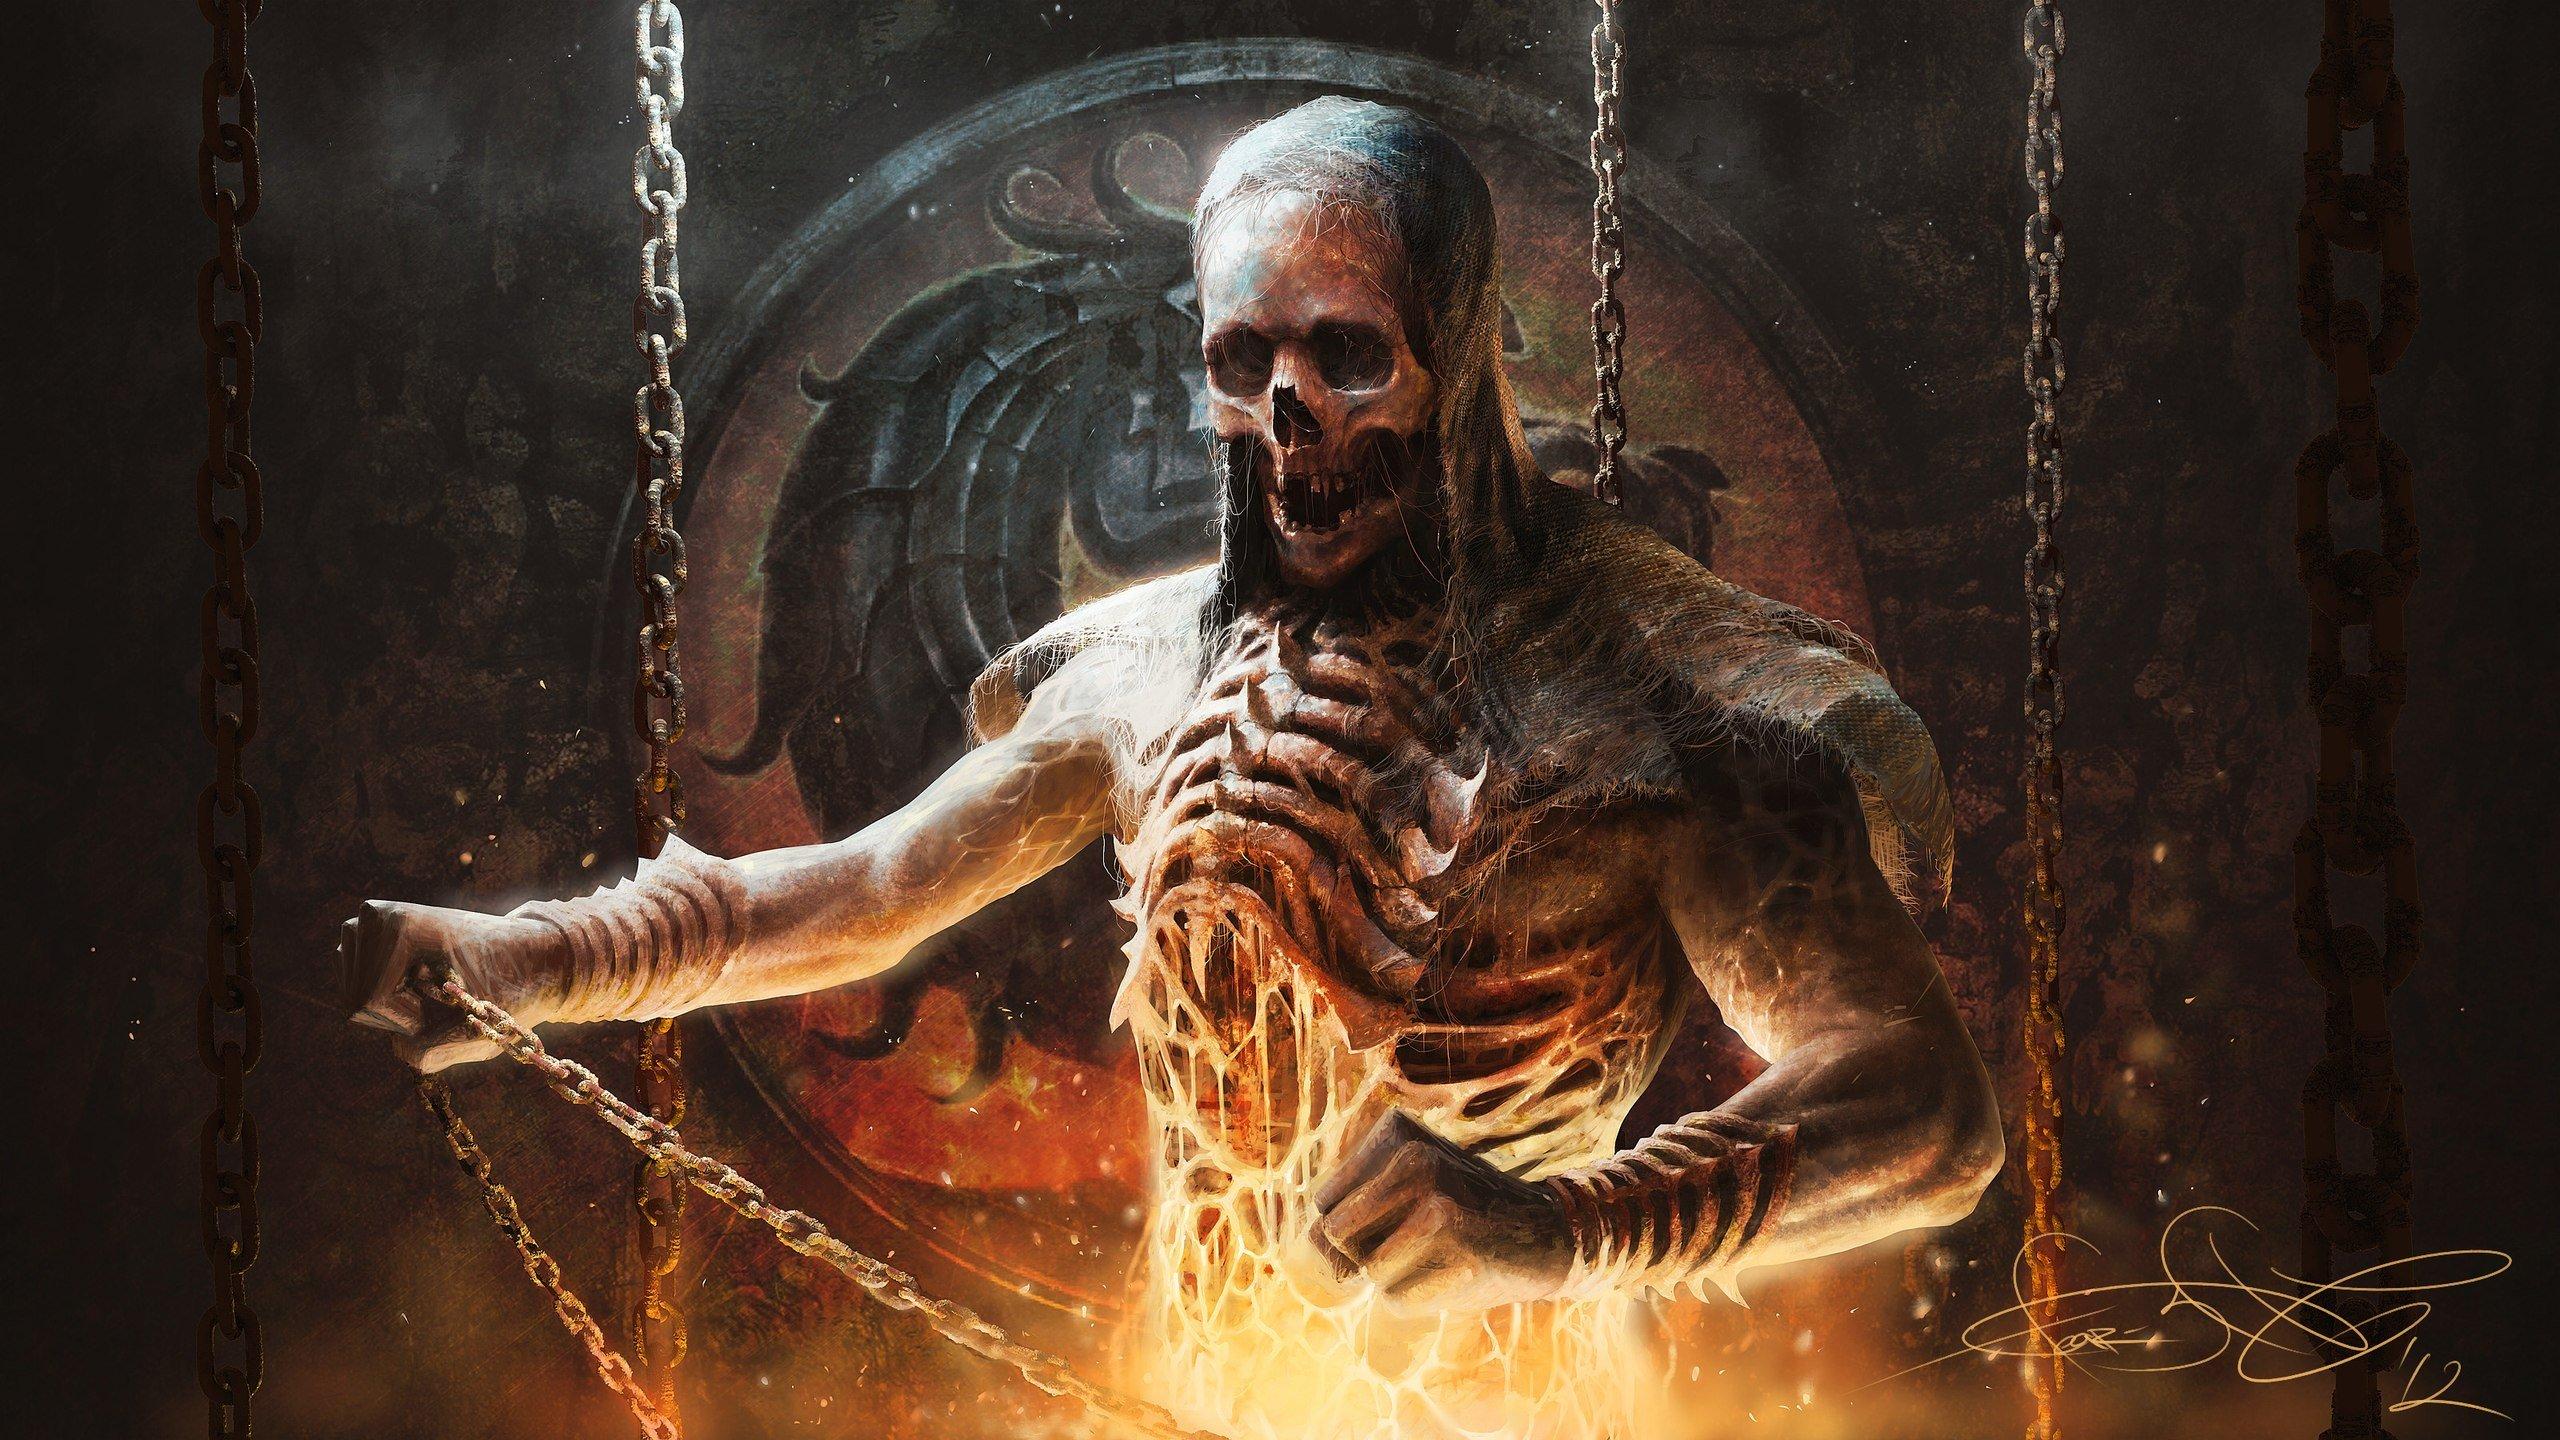 Art-Подборка Mortal Кombat. - Изображение 7